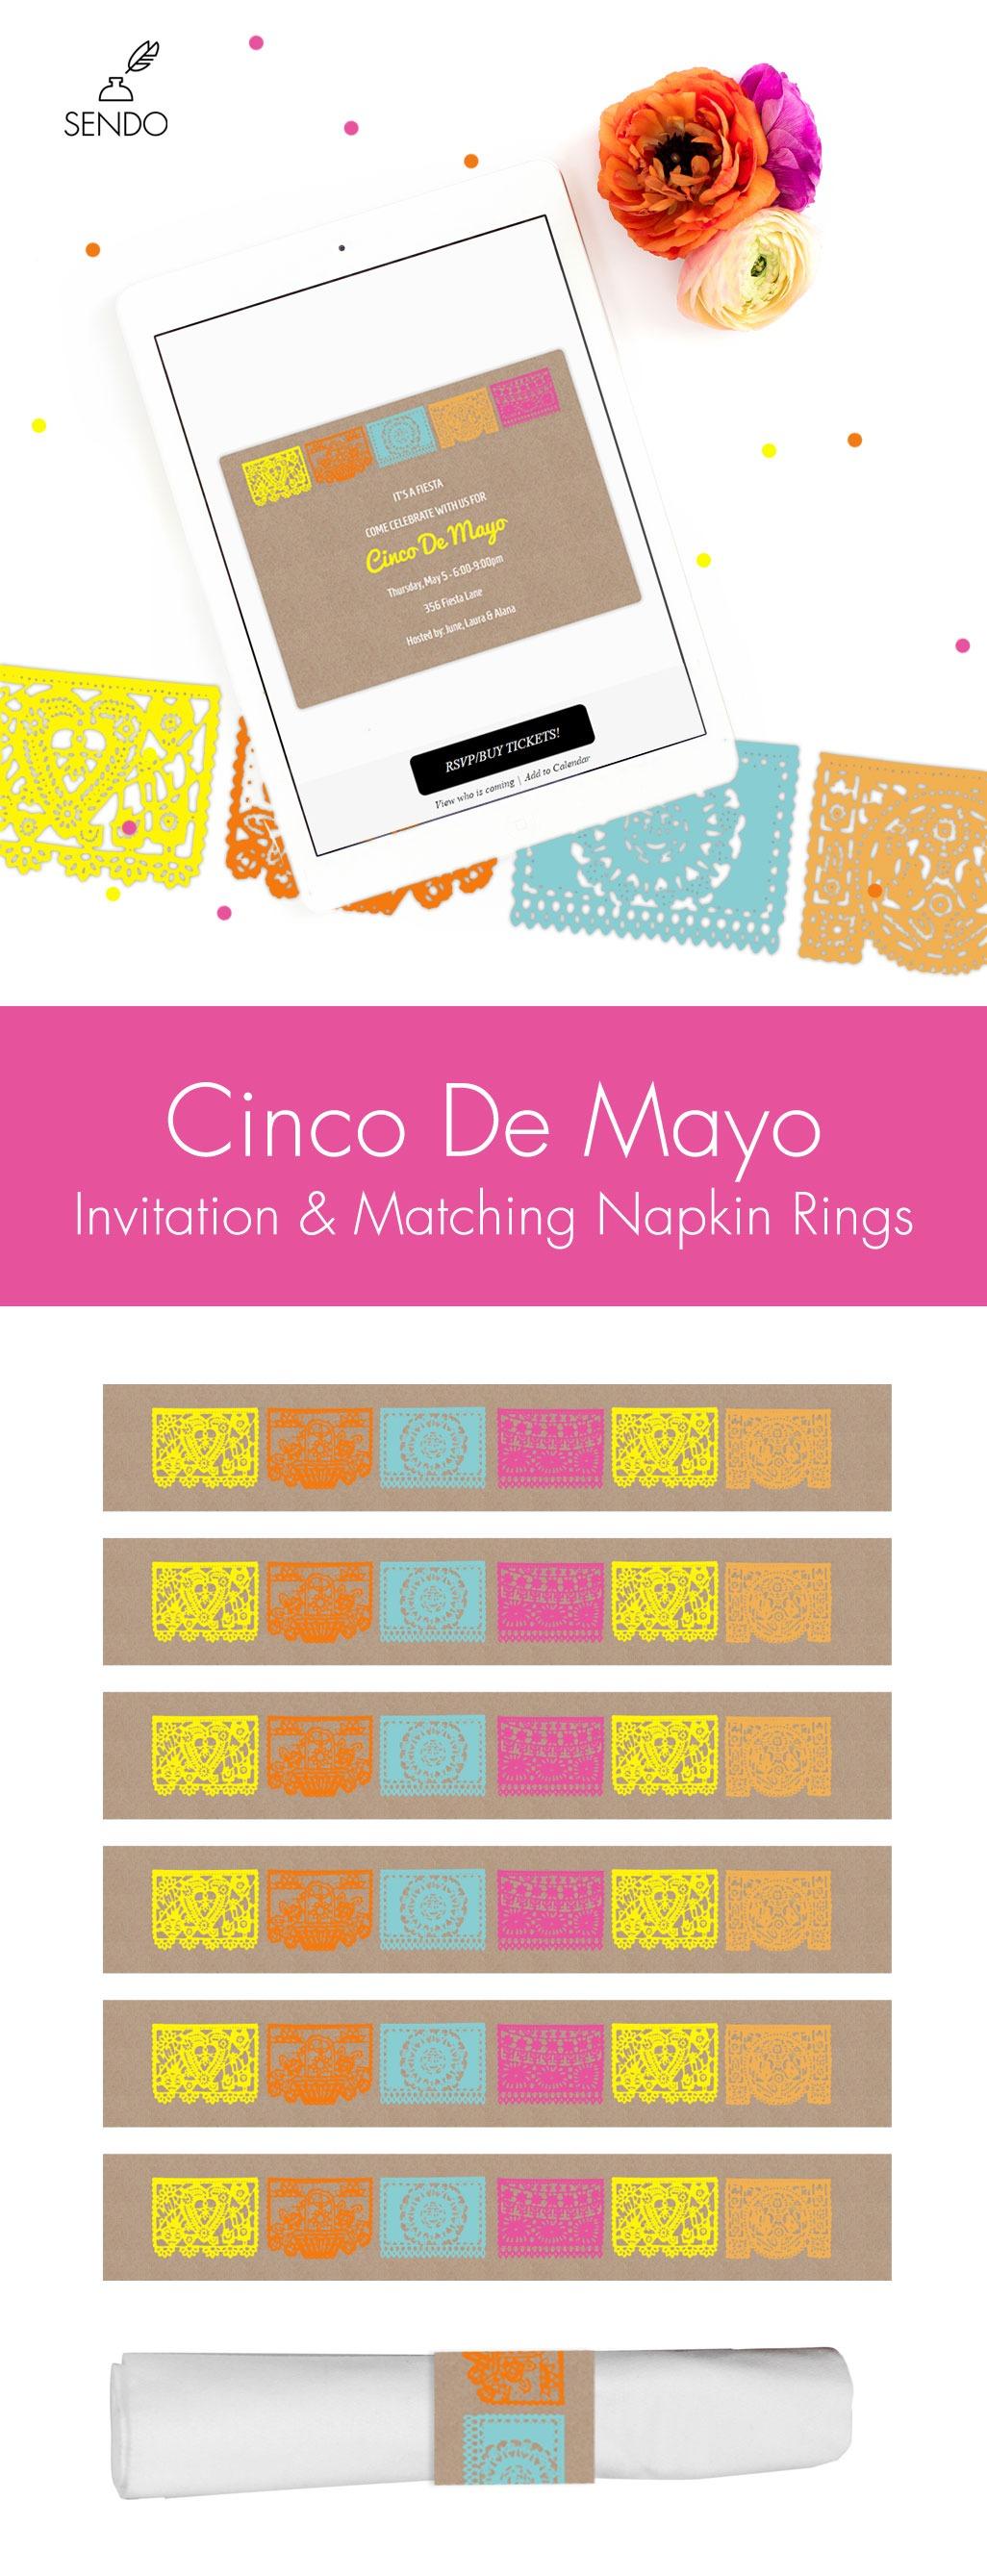 Cinco De Mayo Party Invitation & Napkin Ring Printable